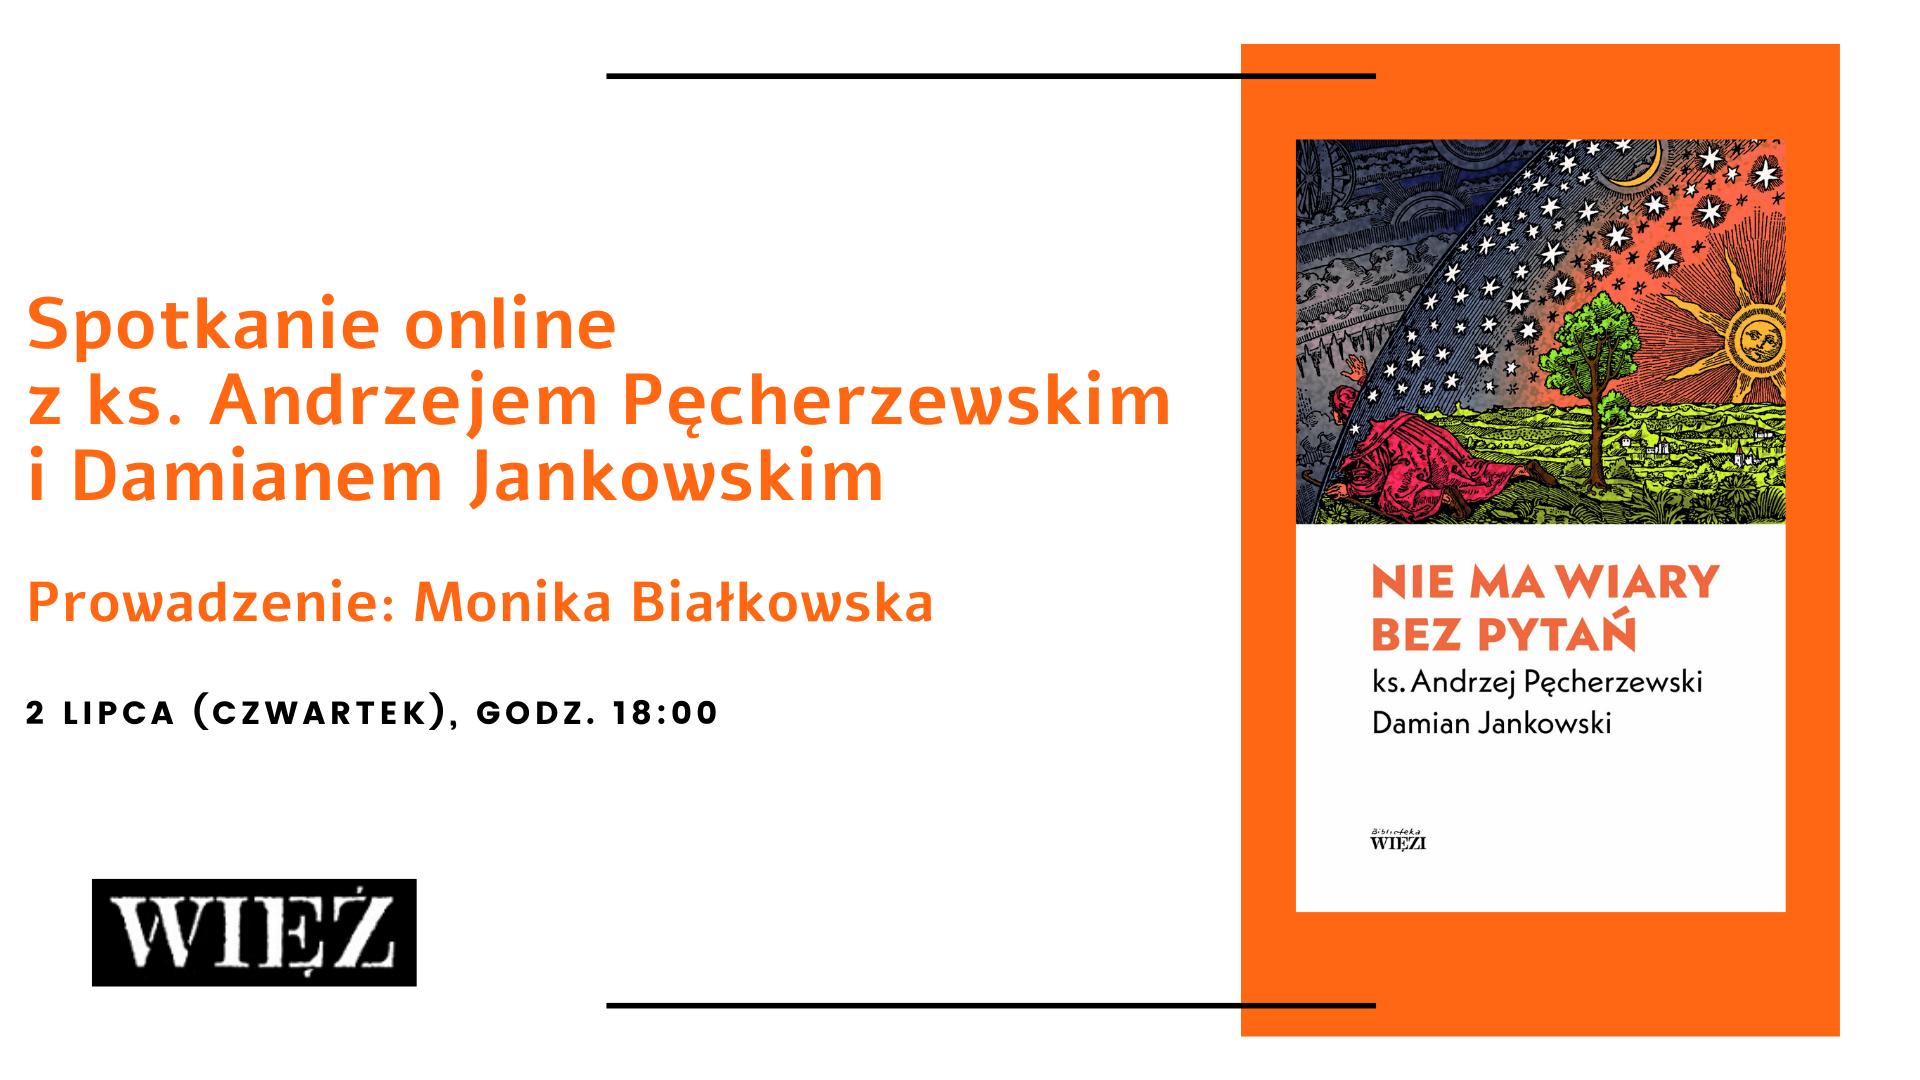 Spotkanie online z ks. Andrzejem Pęcherzewskim i Damianem Jankowskim